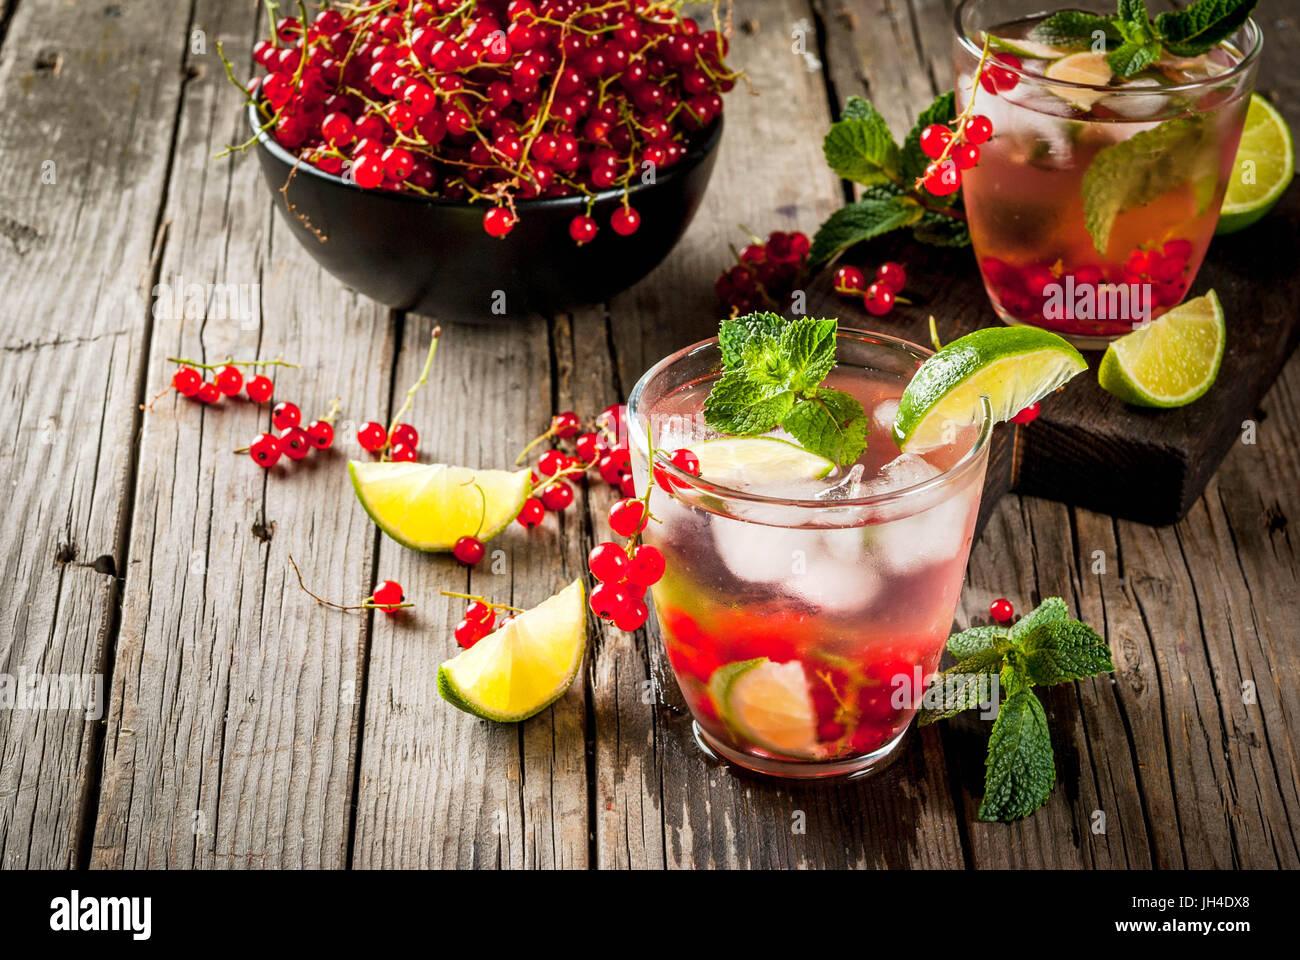 Idées de boissons d'été, des cocktails sains. Le Mojito de lime, menthe et de groseille rouge. Sur la vieille table en bois rustique, avec les ingrédients. Copie Banque D'Images